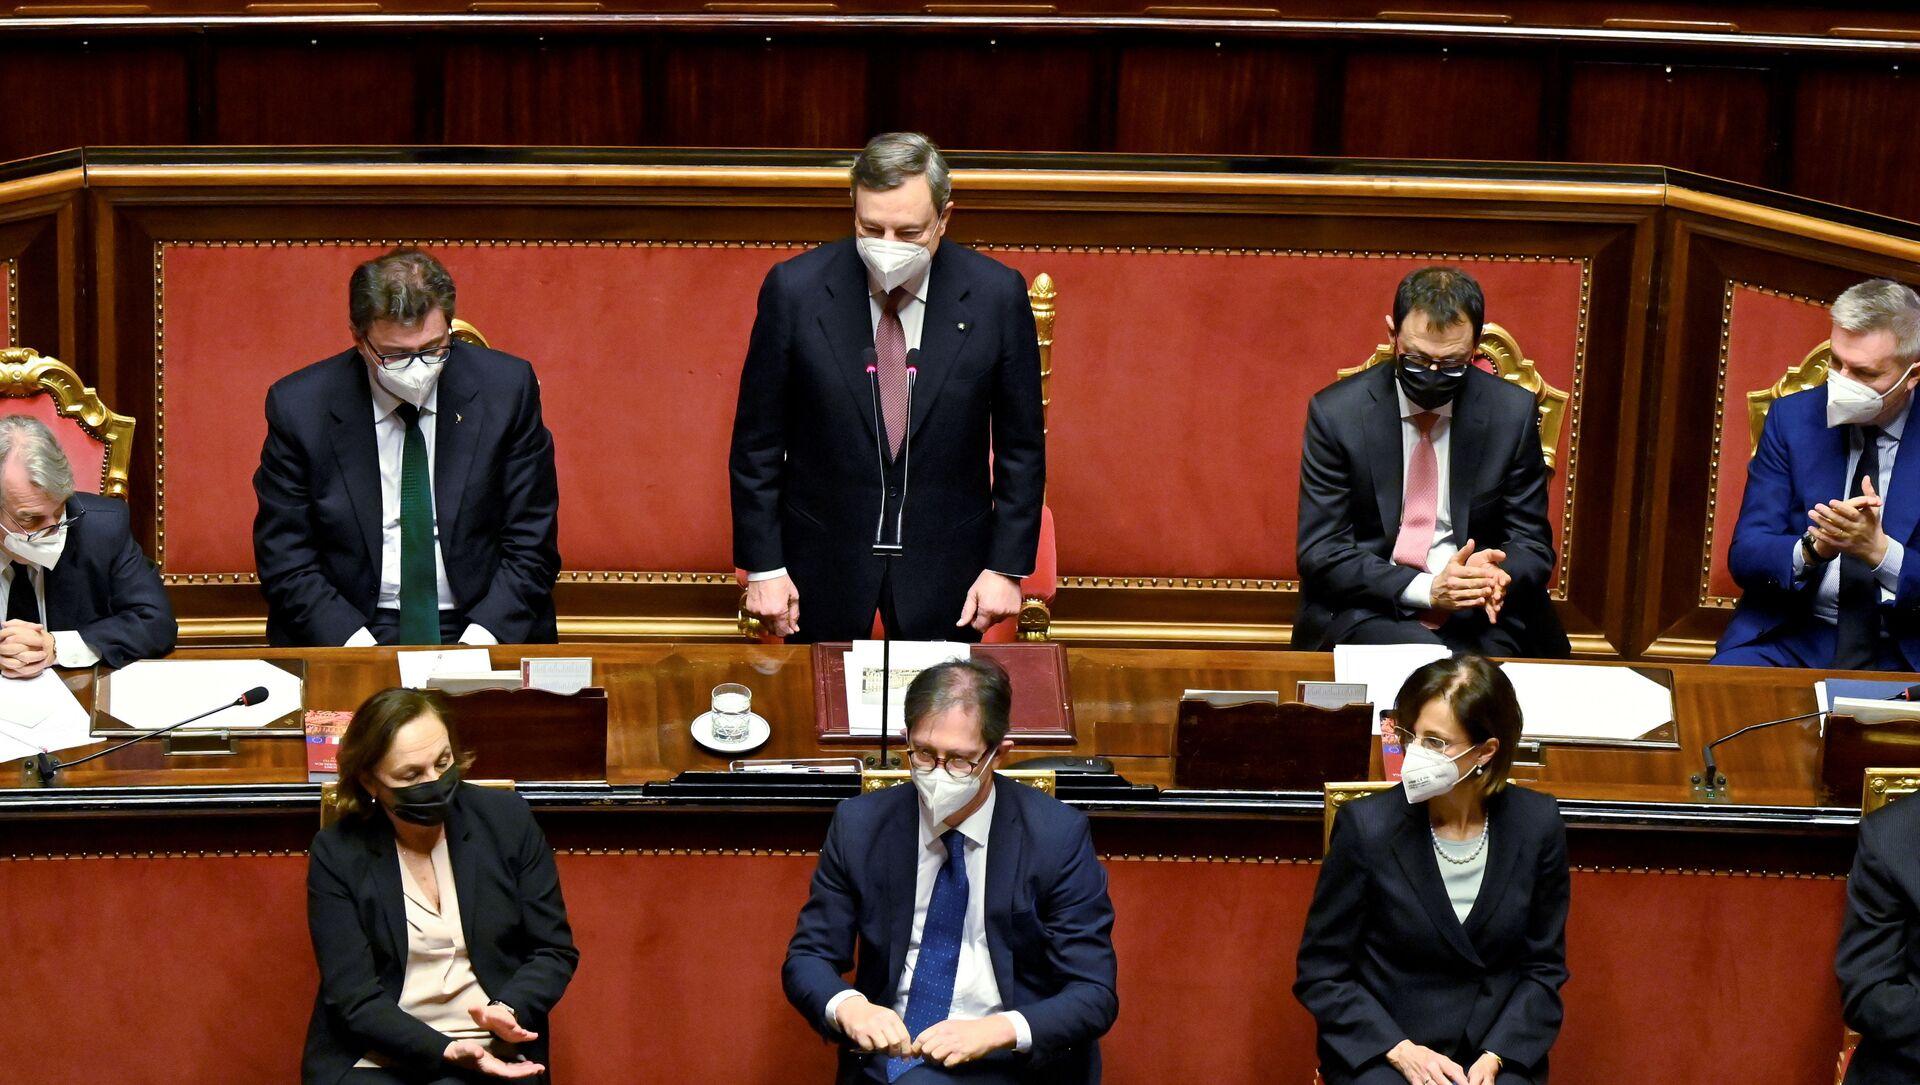 Letta, si usi governo Draghi per riforme: politica a occhi degli italiani è uno 'schifo' - Sputnik Italia, 1920, 25.02.2021